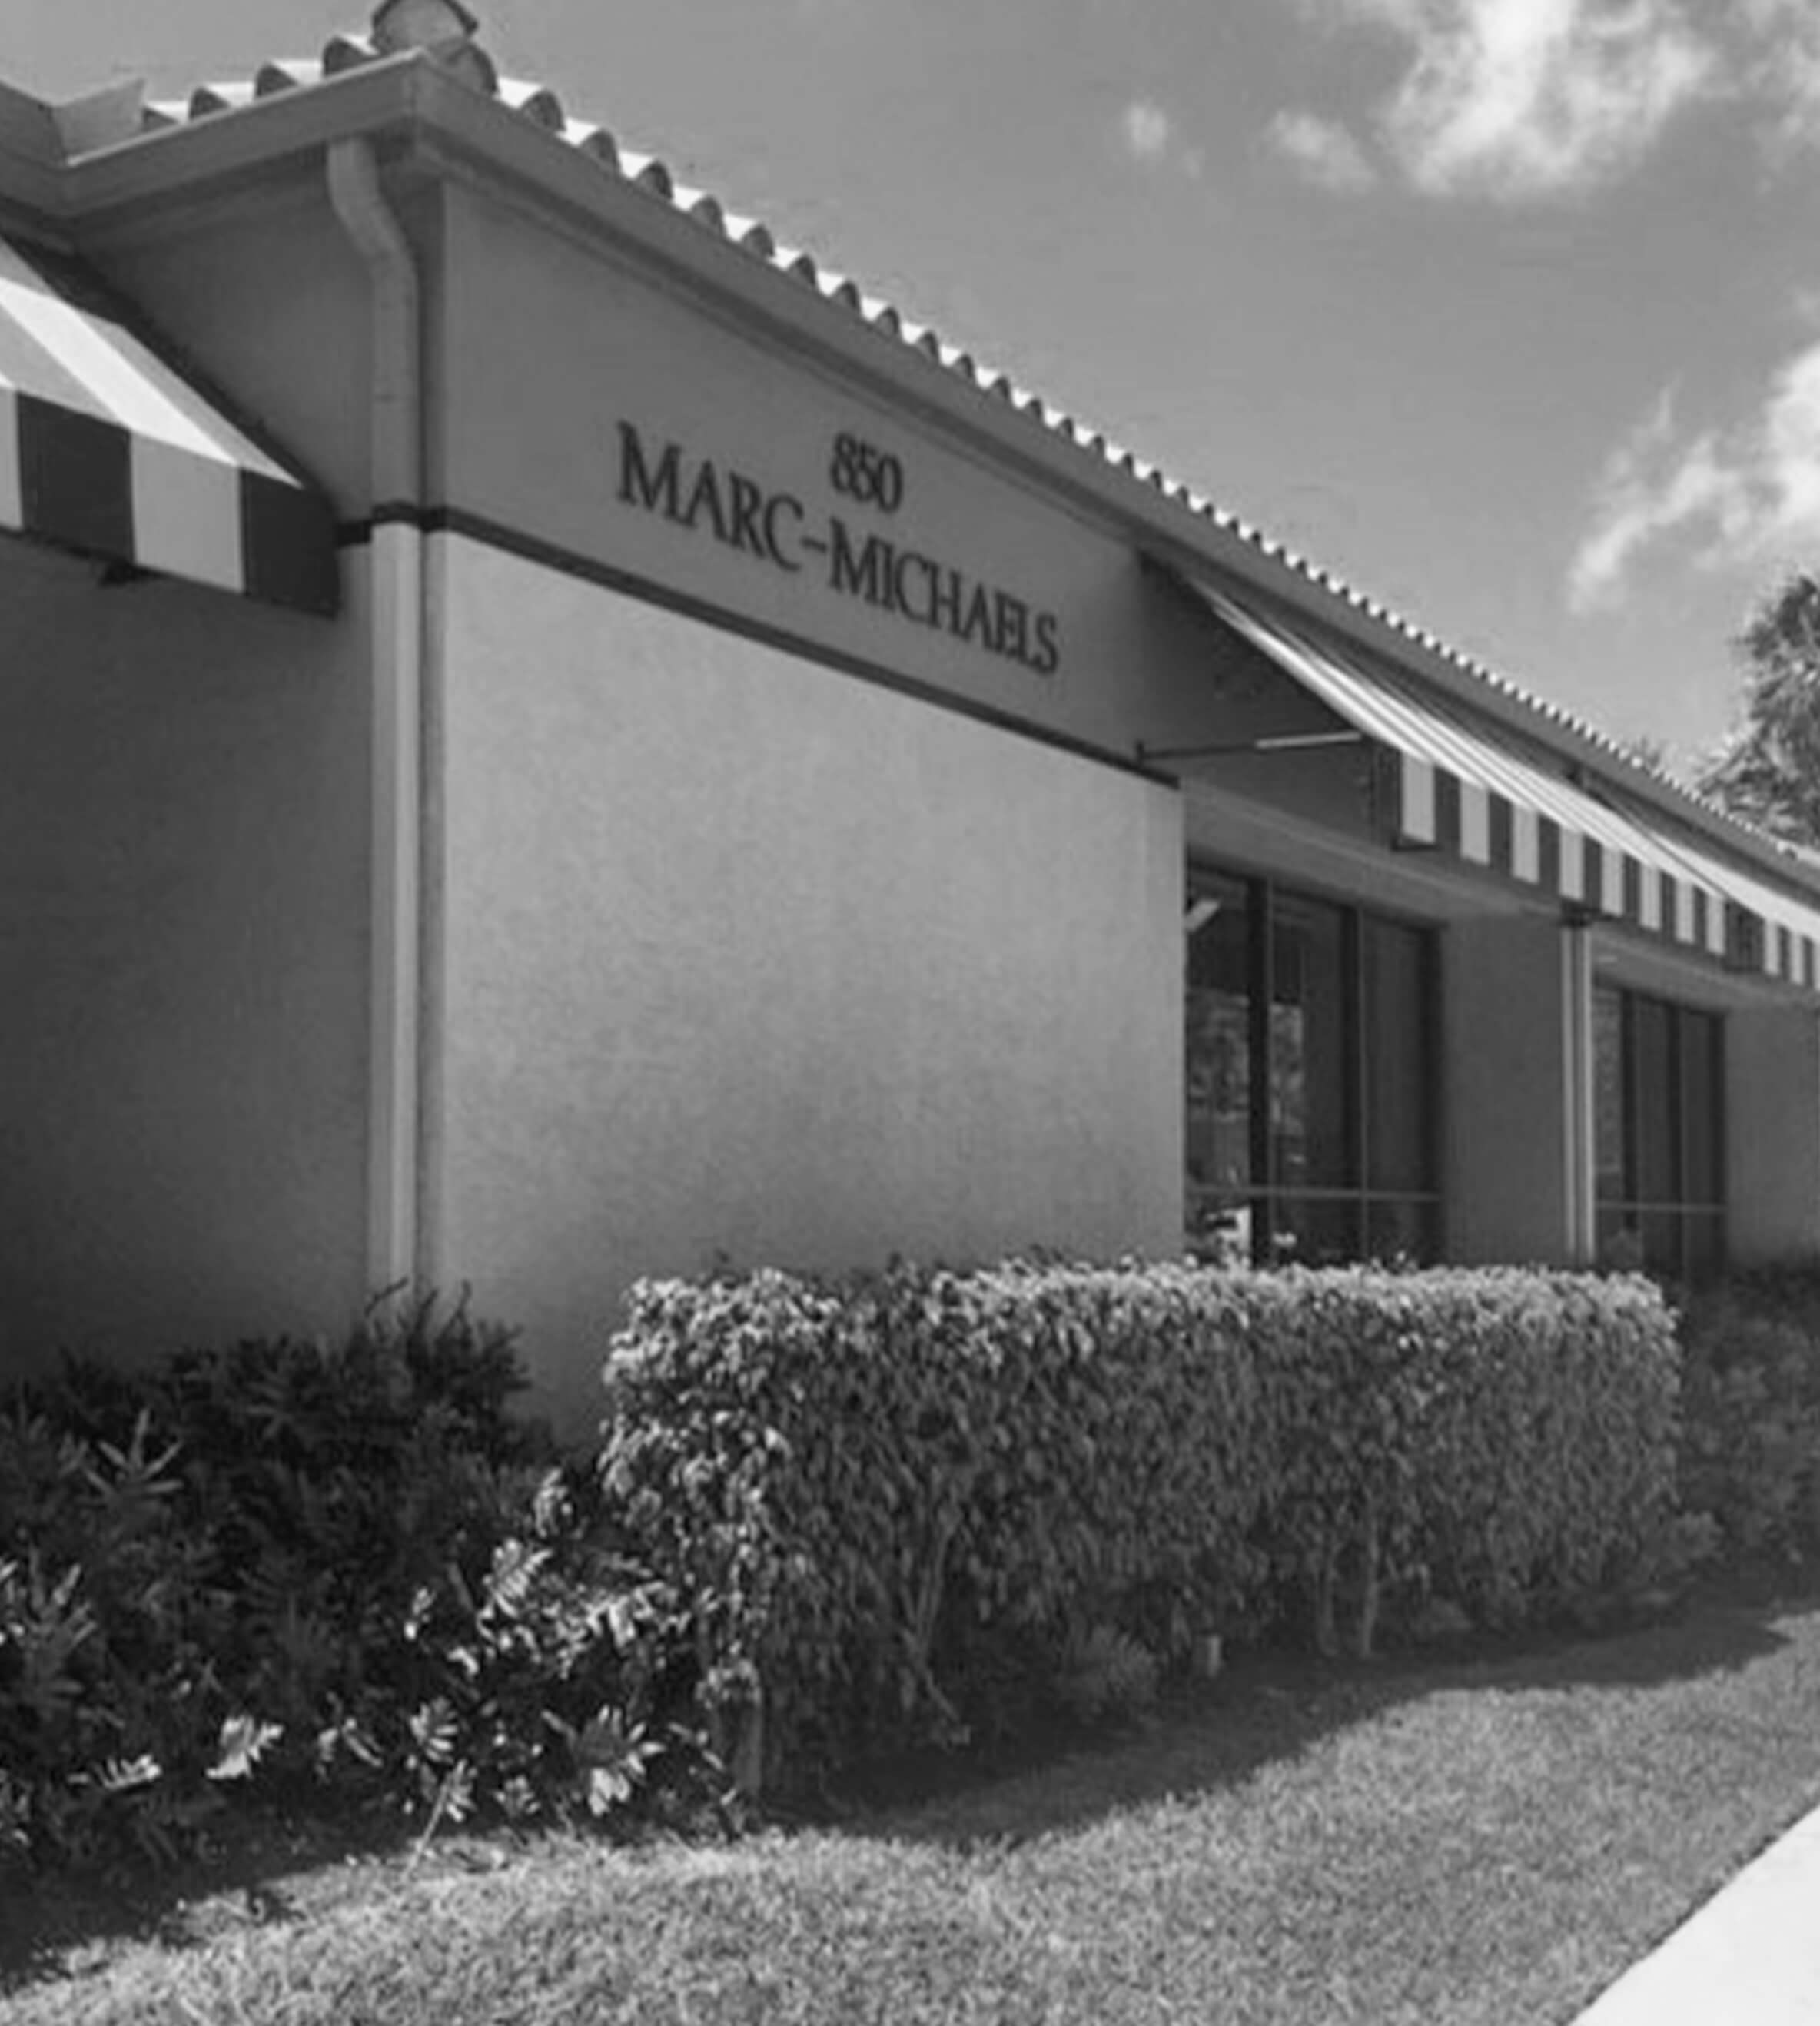 Boca Raton Florida Office Locations Marc Michaels Interior Design